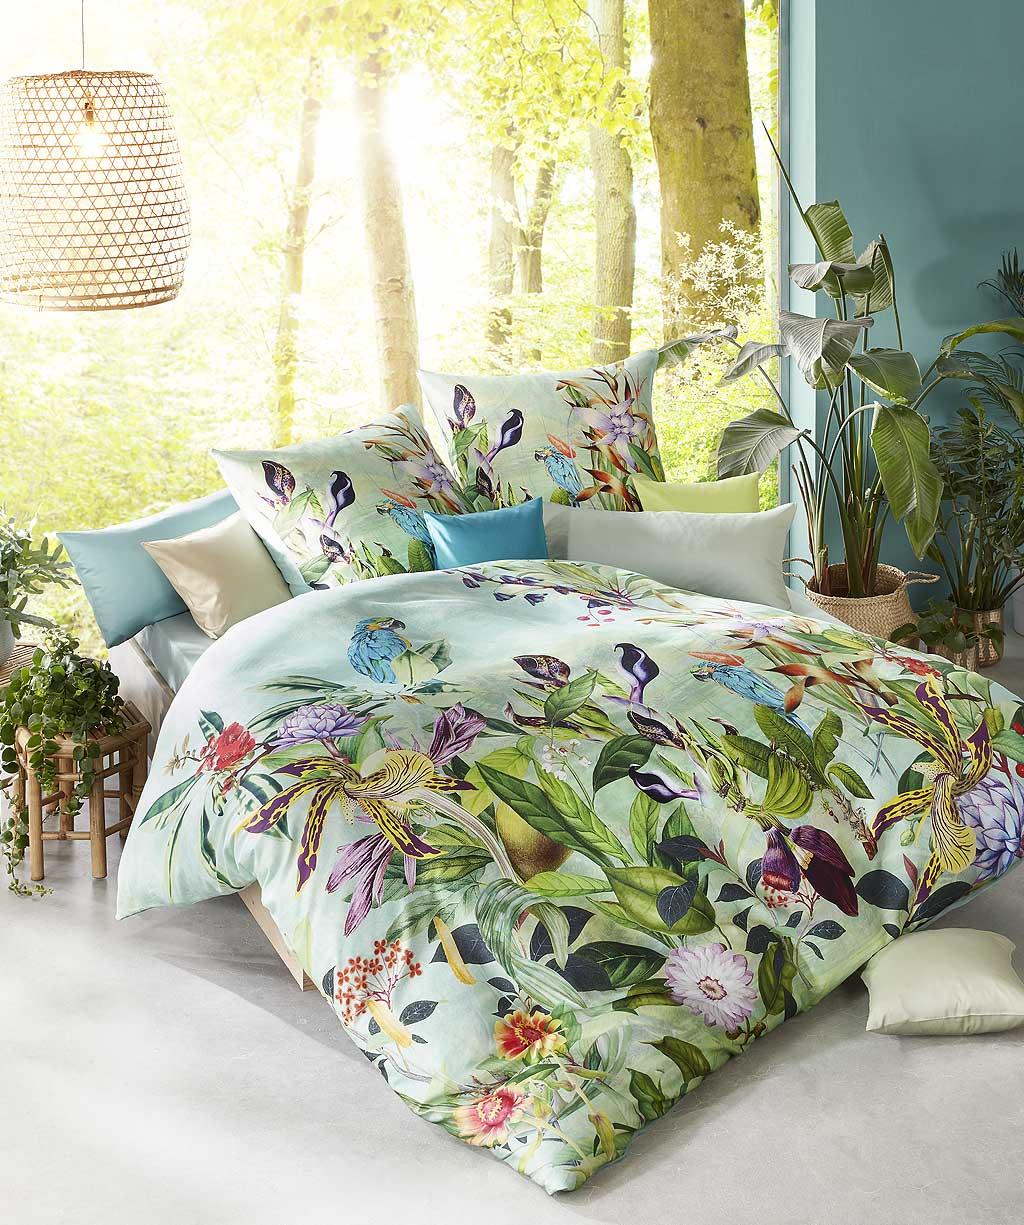 Hochwertige Mako Satin Bettwäsche mit exotischen Blumen und Papagei